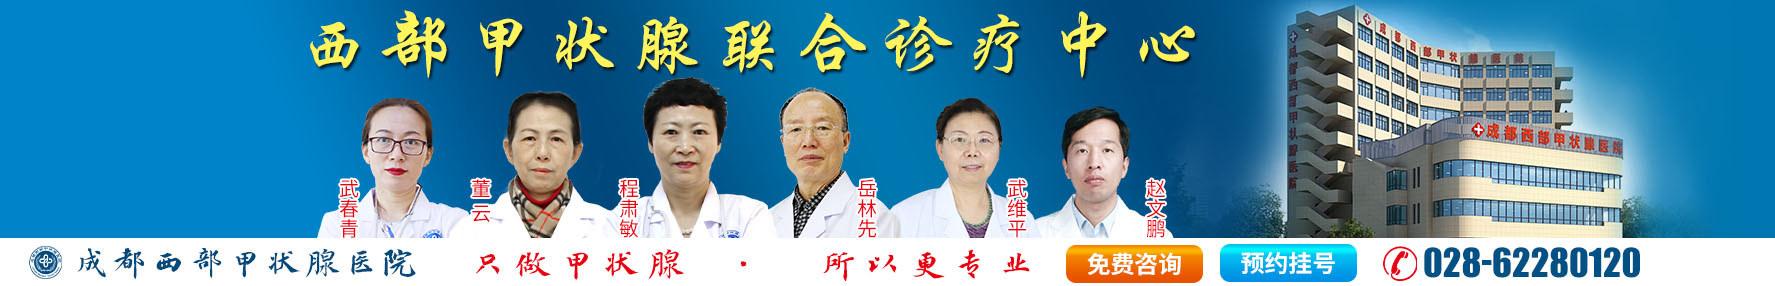 成都甲状腺专科医院